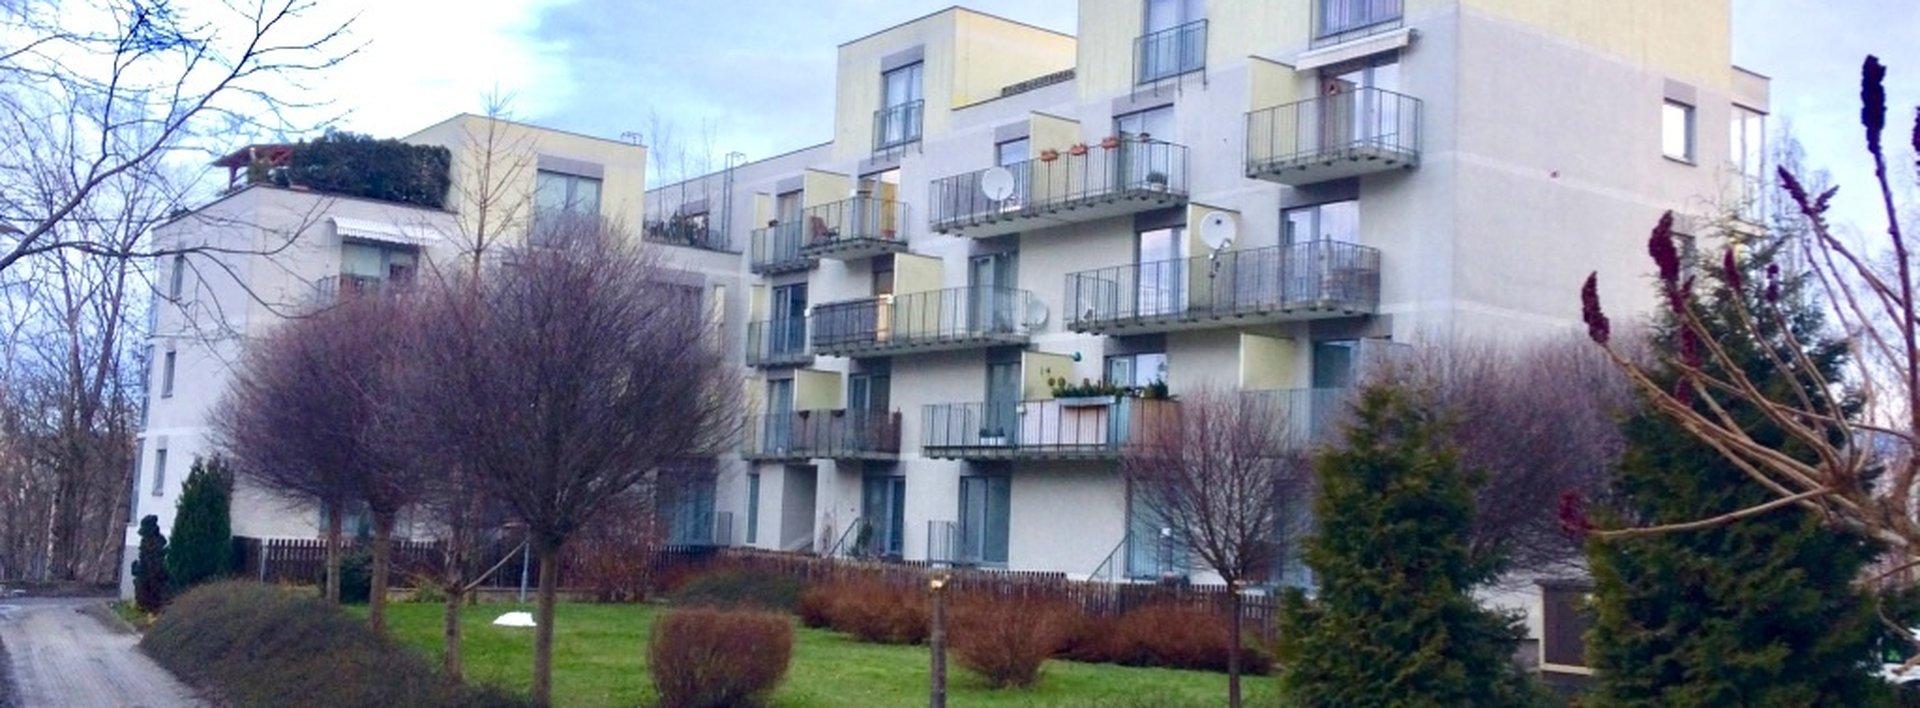 Pronájem bytu 1+1, 65 m2 s balkonem a možnost garáže - Liberec, ul. Hedvábná, Ev.č.: N49188